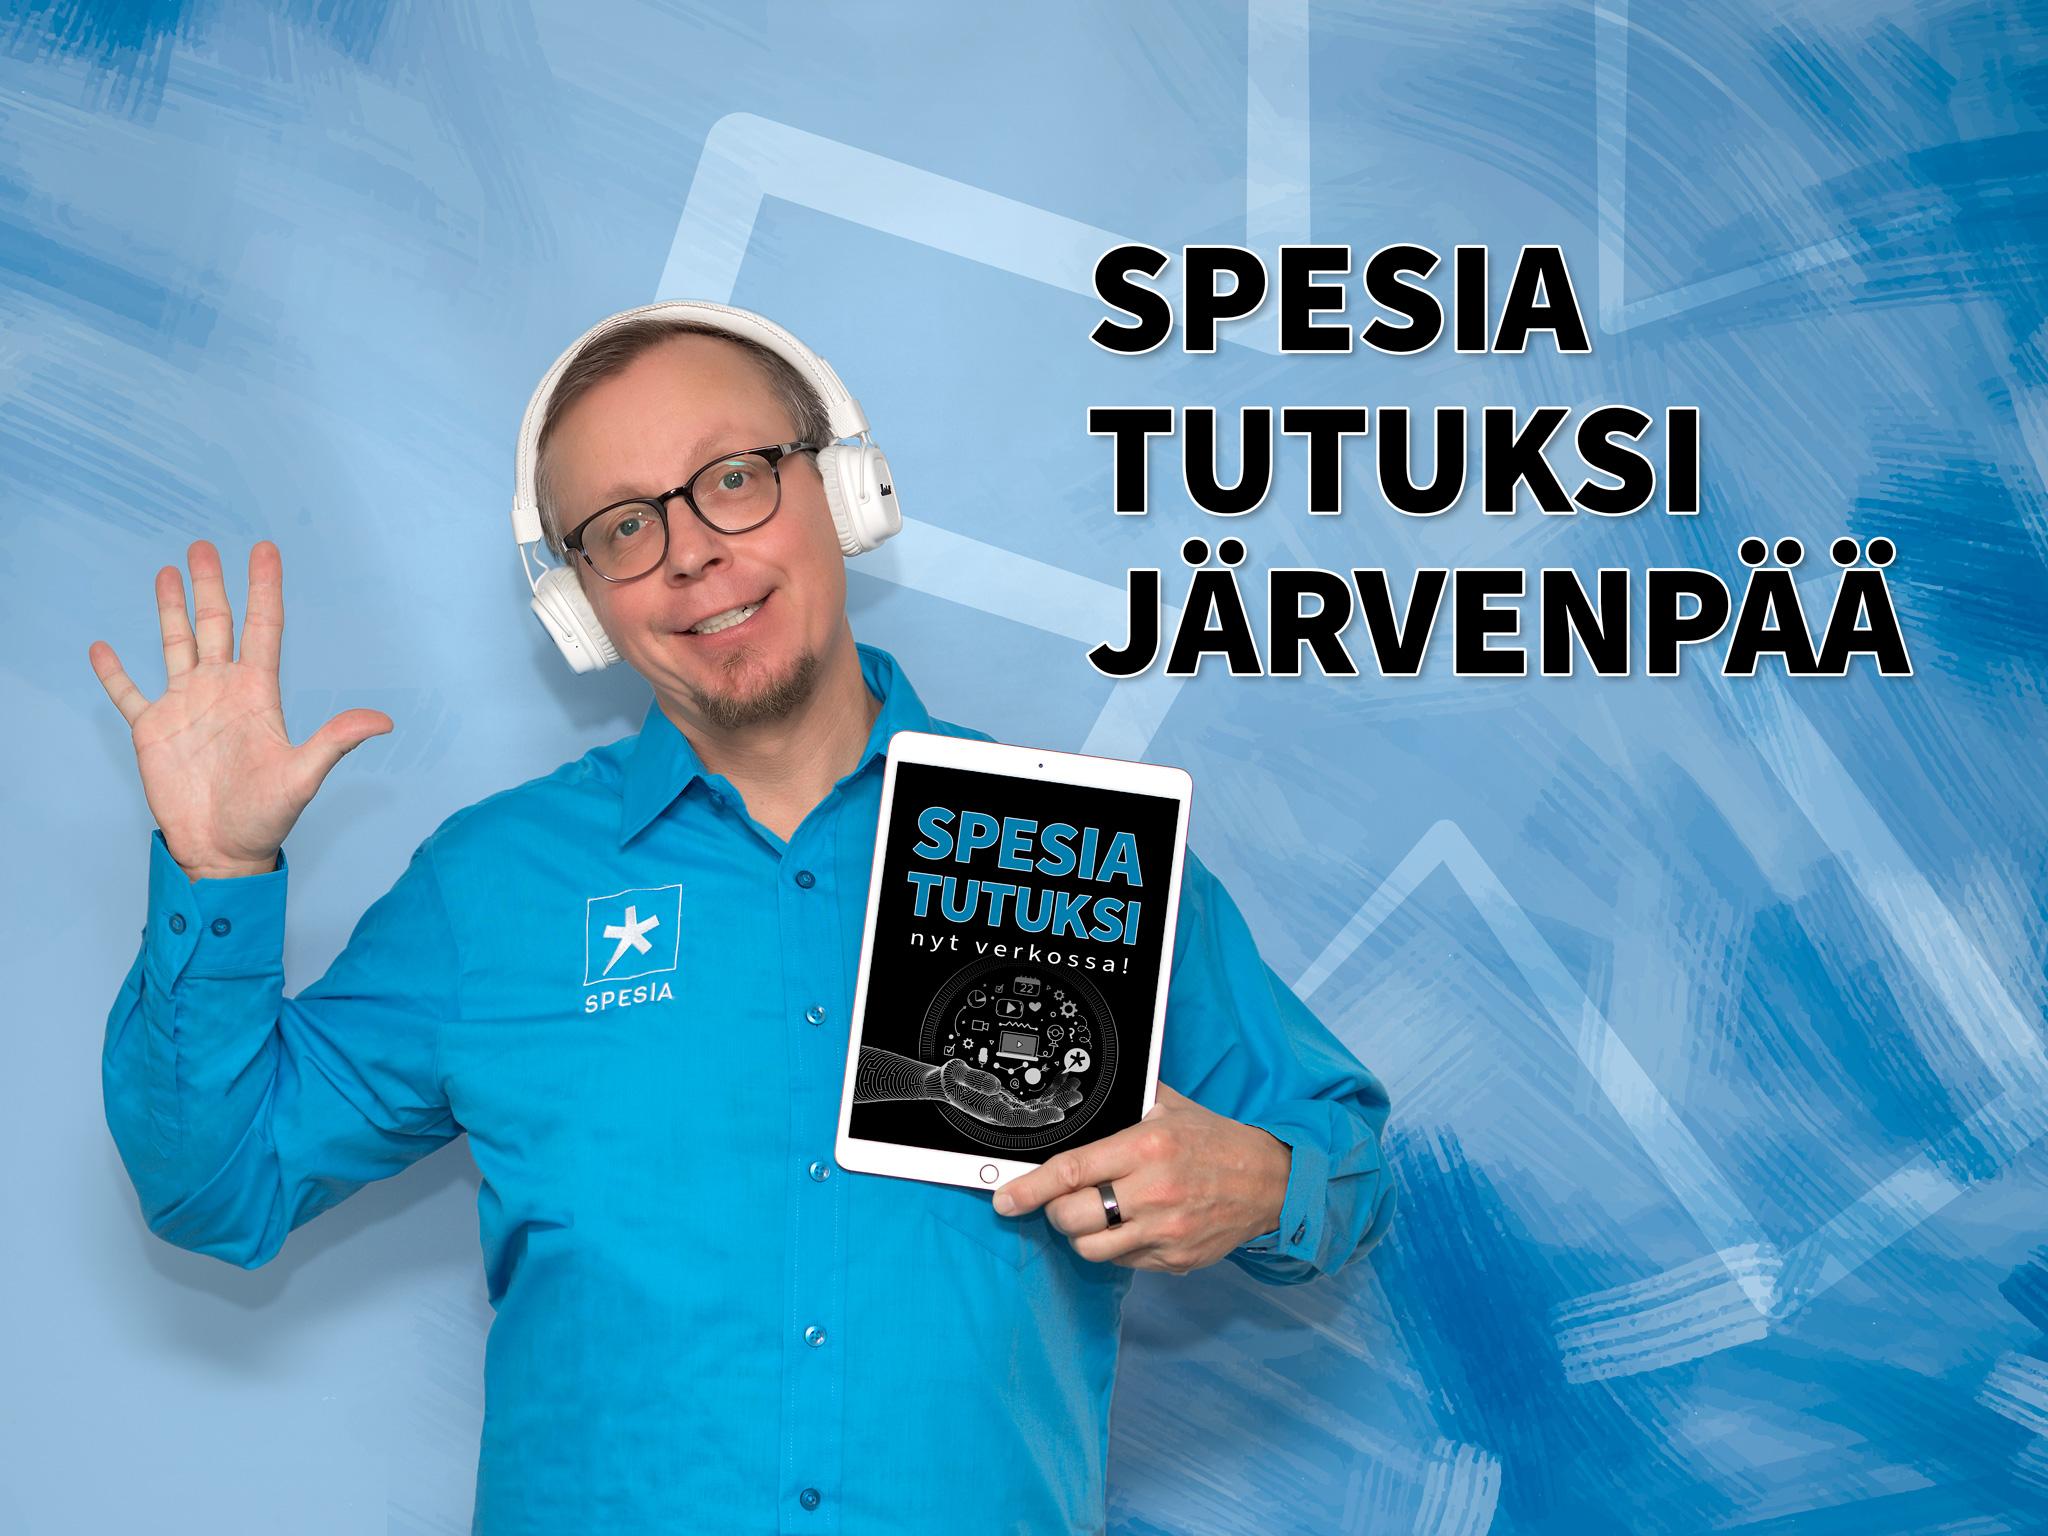 Spesia tutuksi Järvenpää